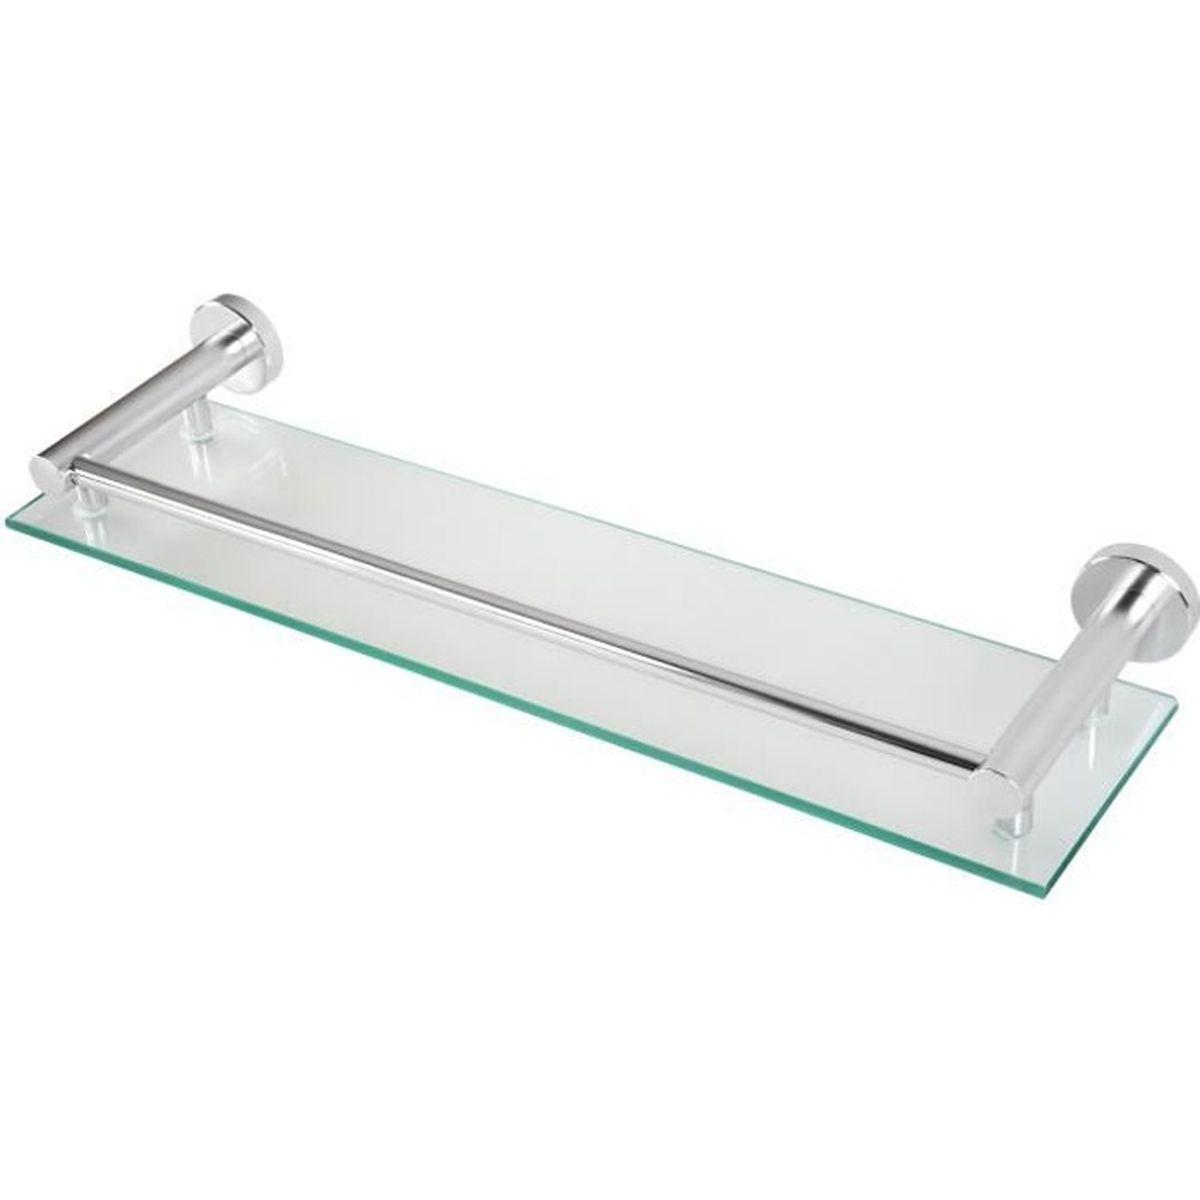 Noir mat Sayayo /étag/ère en verre /étag/ère de salle de bain avec rail de fixation murale en acier inoxydable de 50,8/cm Egc1000-b